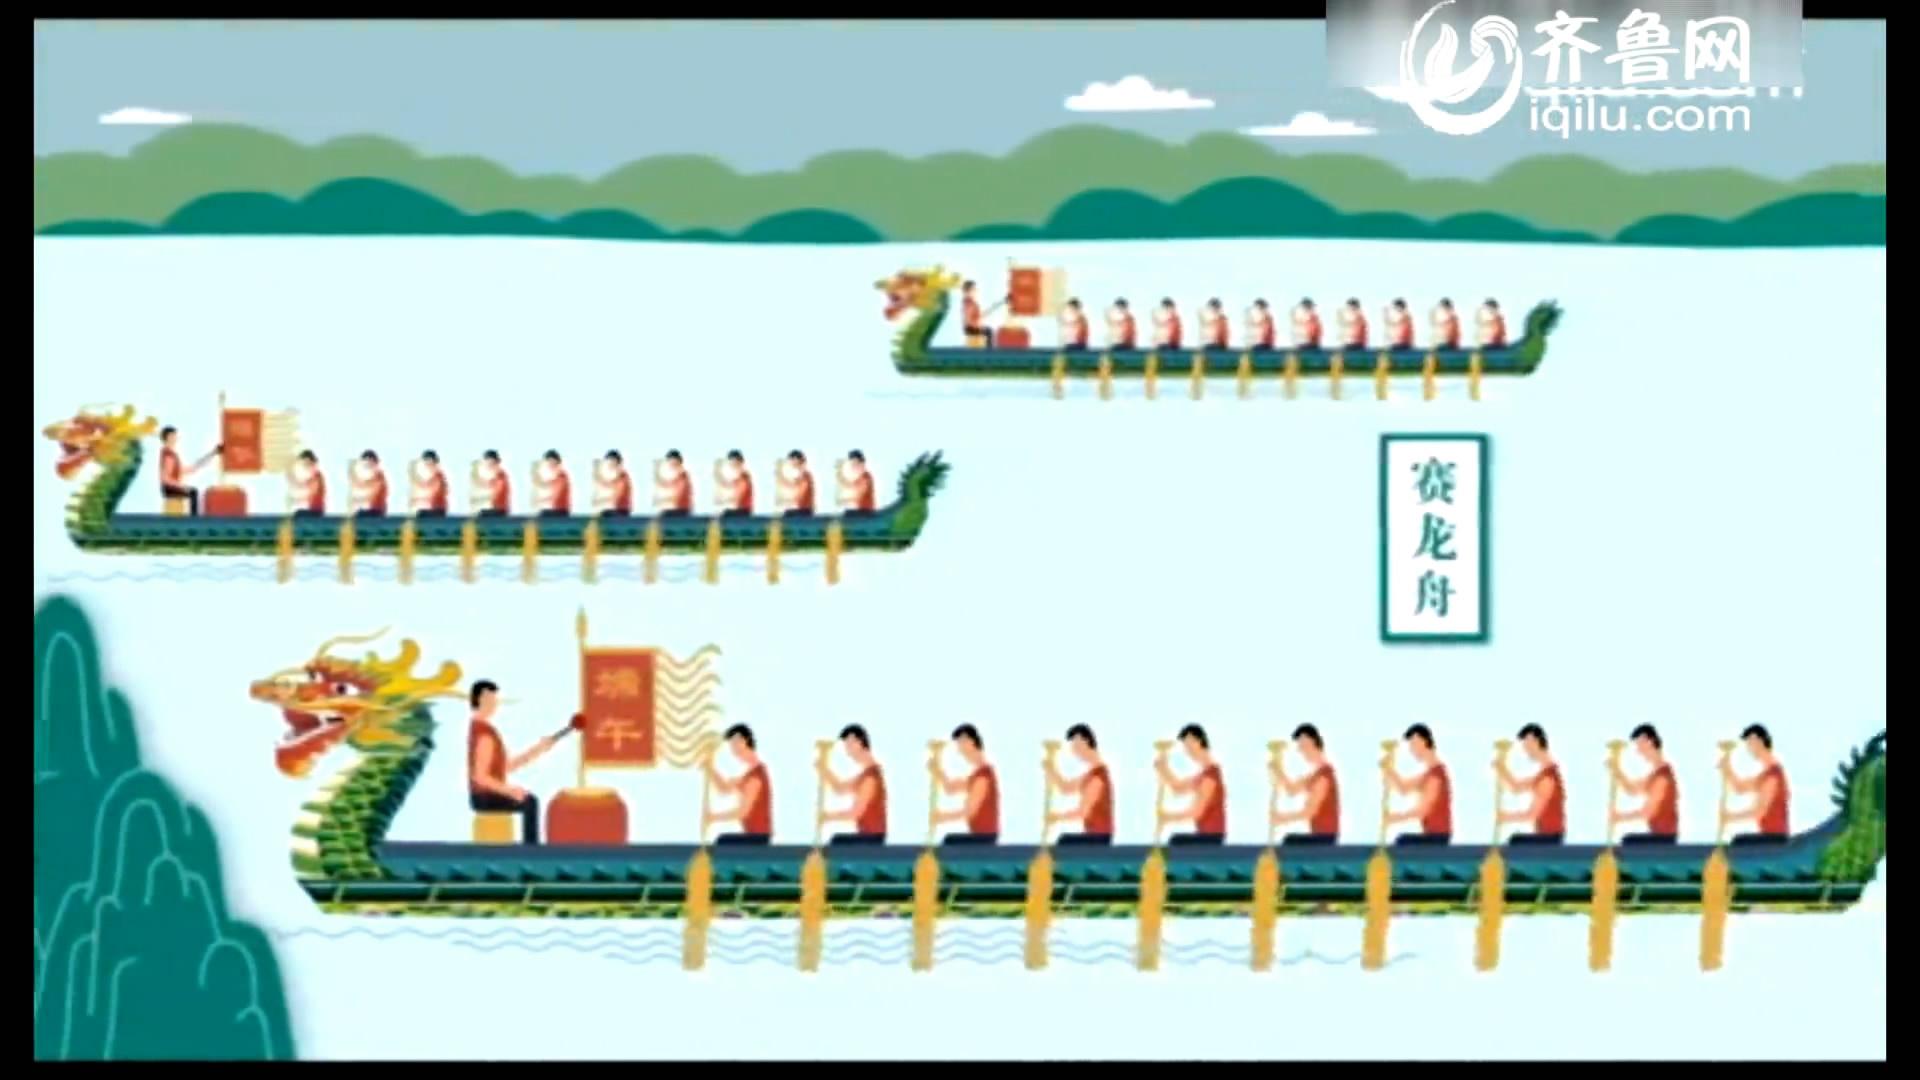 公共频道传统节日系列公益广告《端午情浓 粽是想着你》